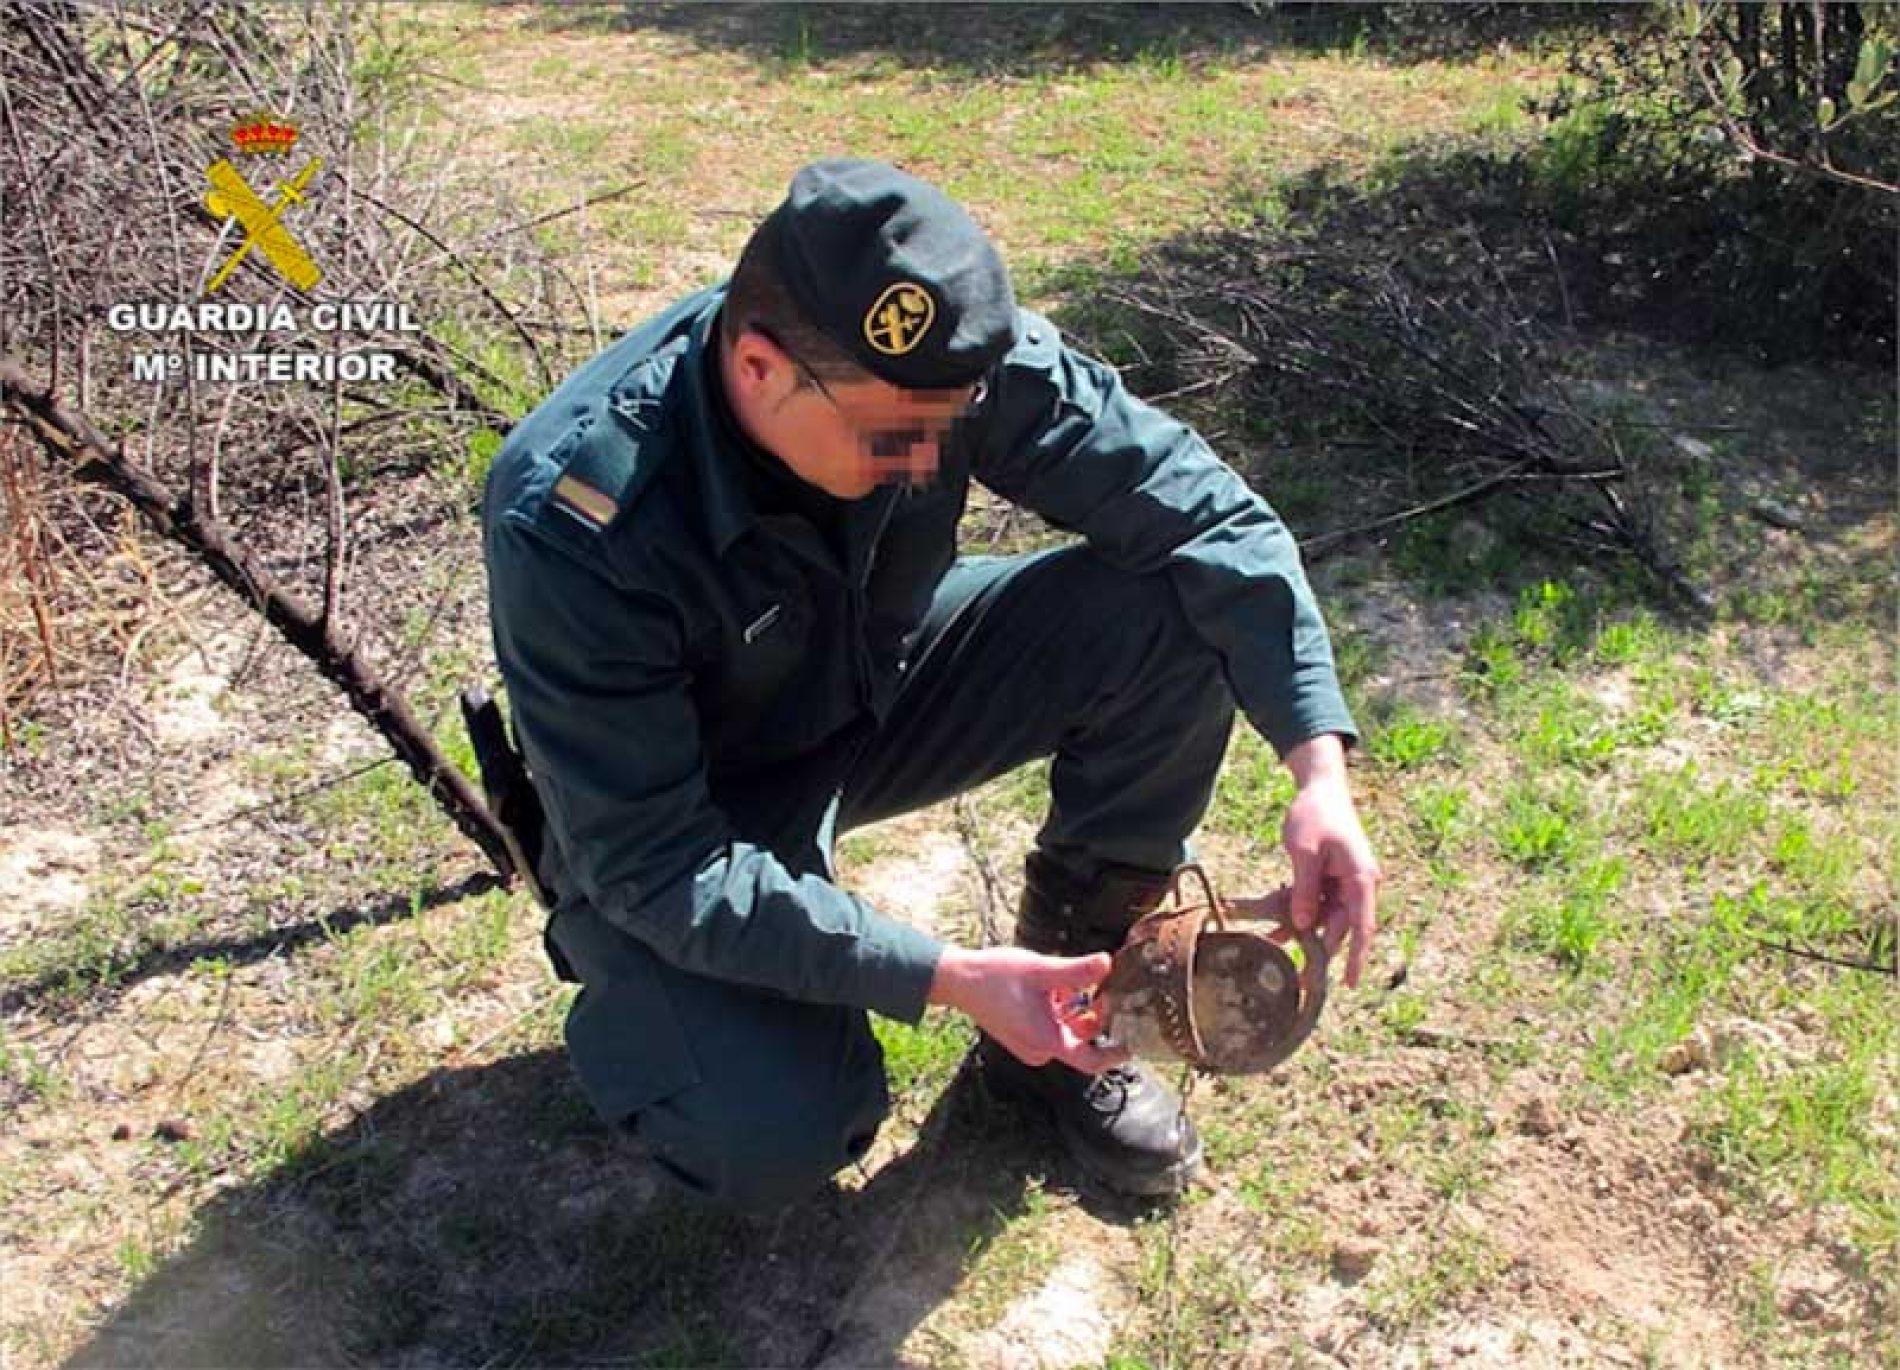 La Guardia Civil ha detenido a 16 personas por el uso ilegal de venenos para la caza